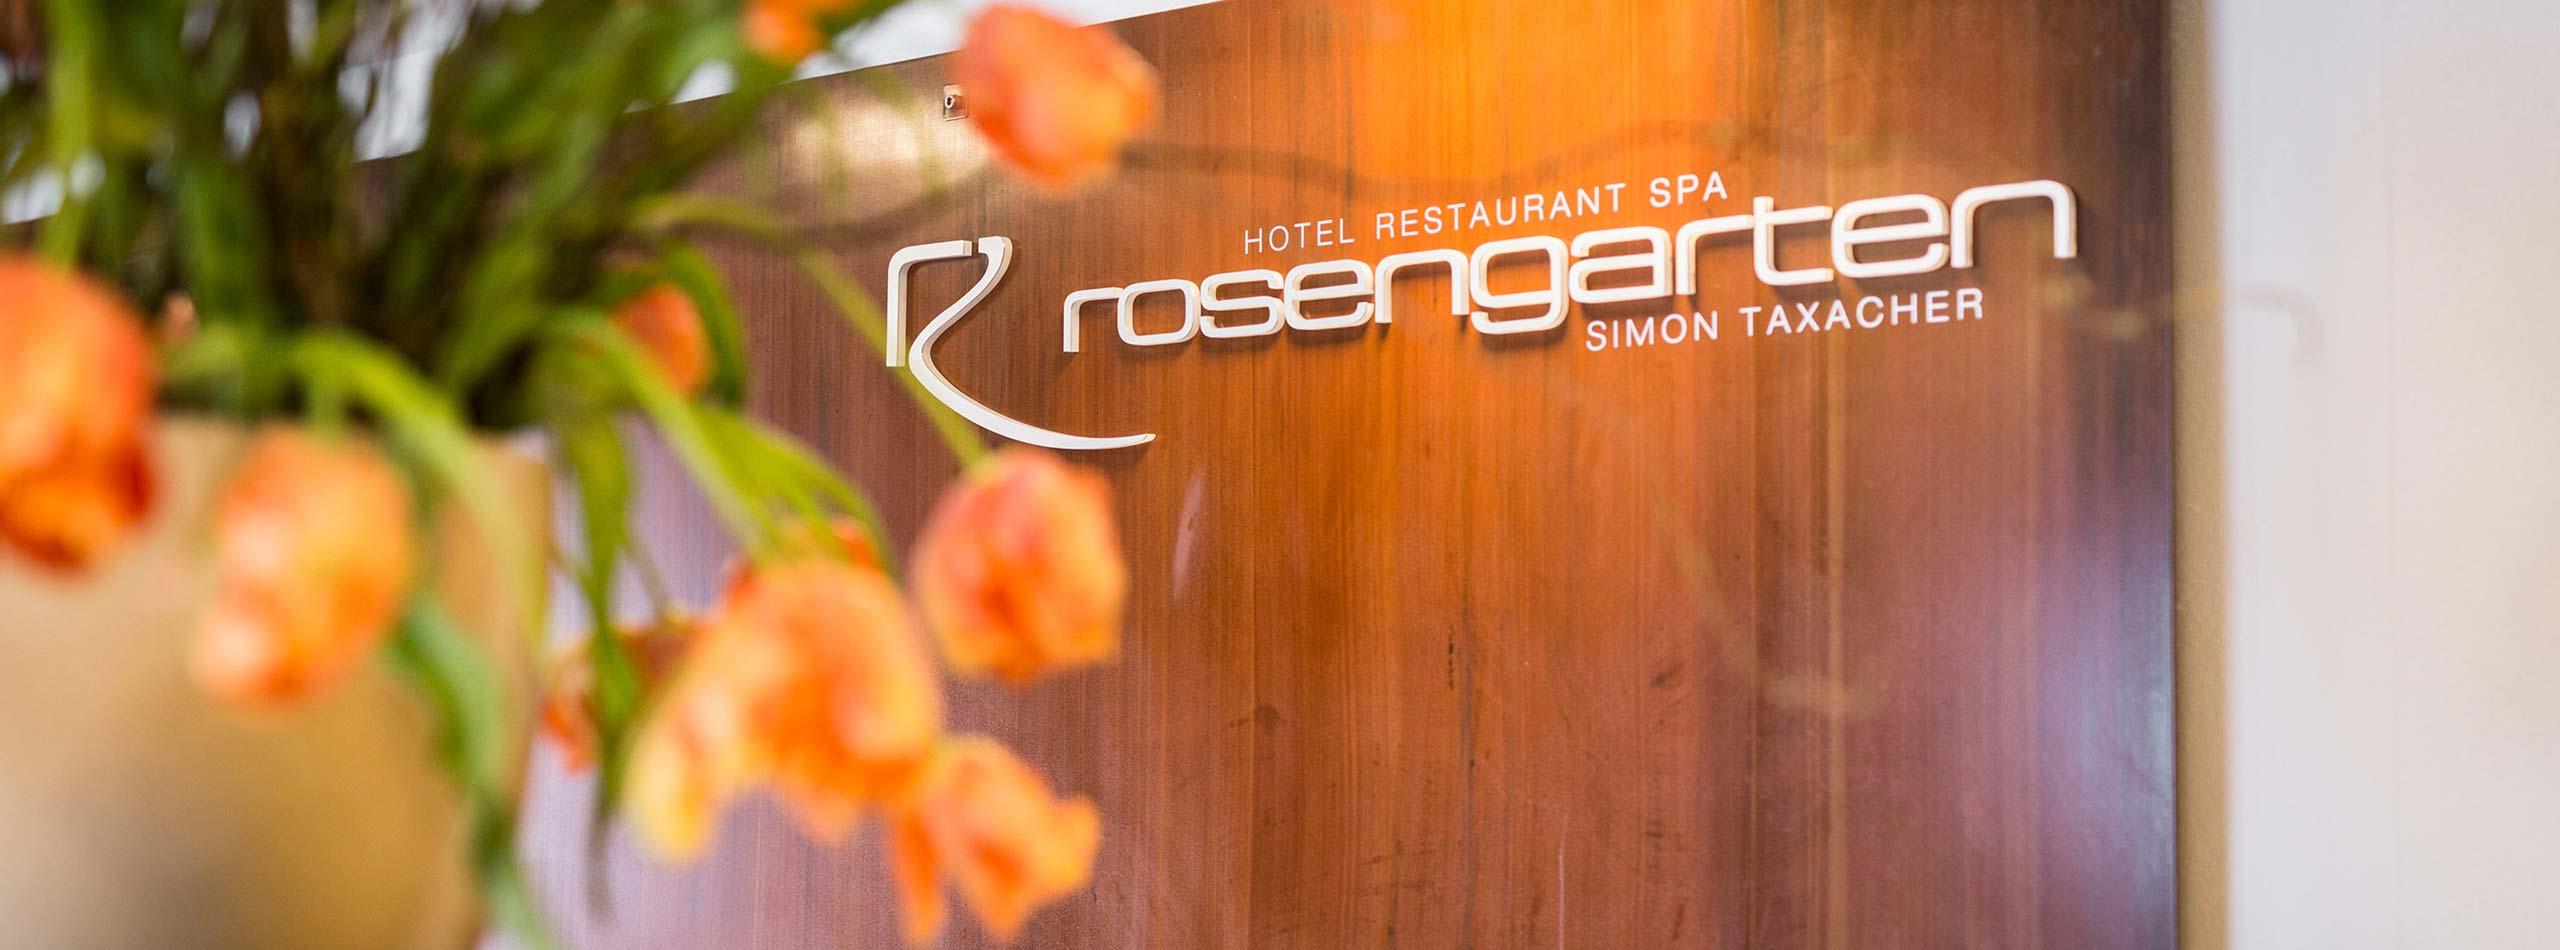 Luxury hotel Rosengarten gallery 5-star hotel in Kirchberg